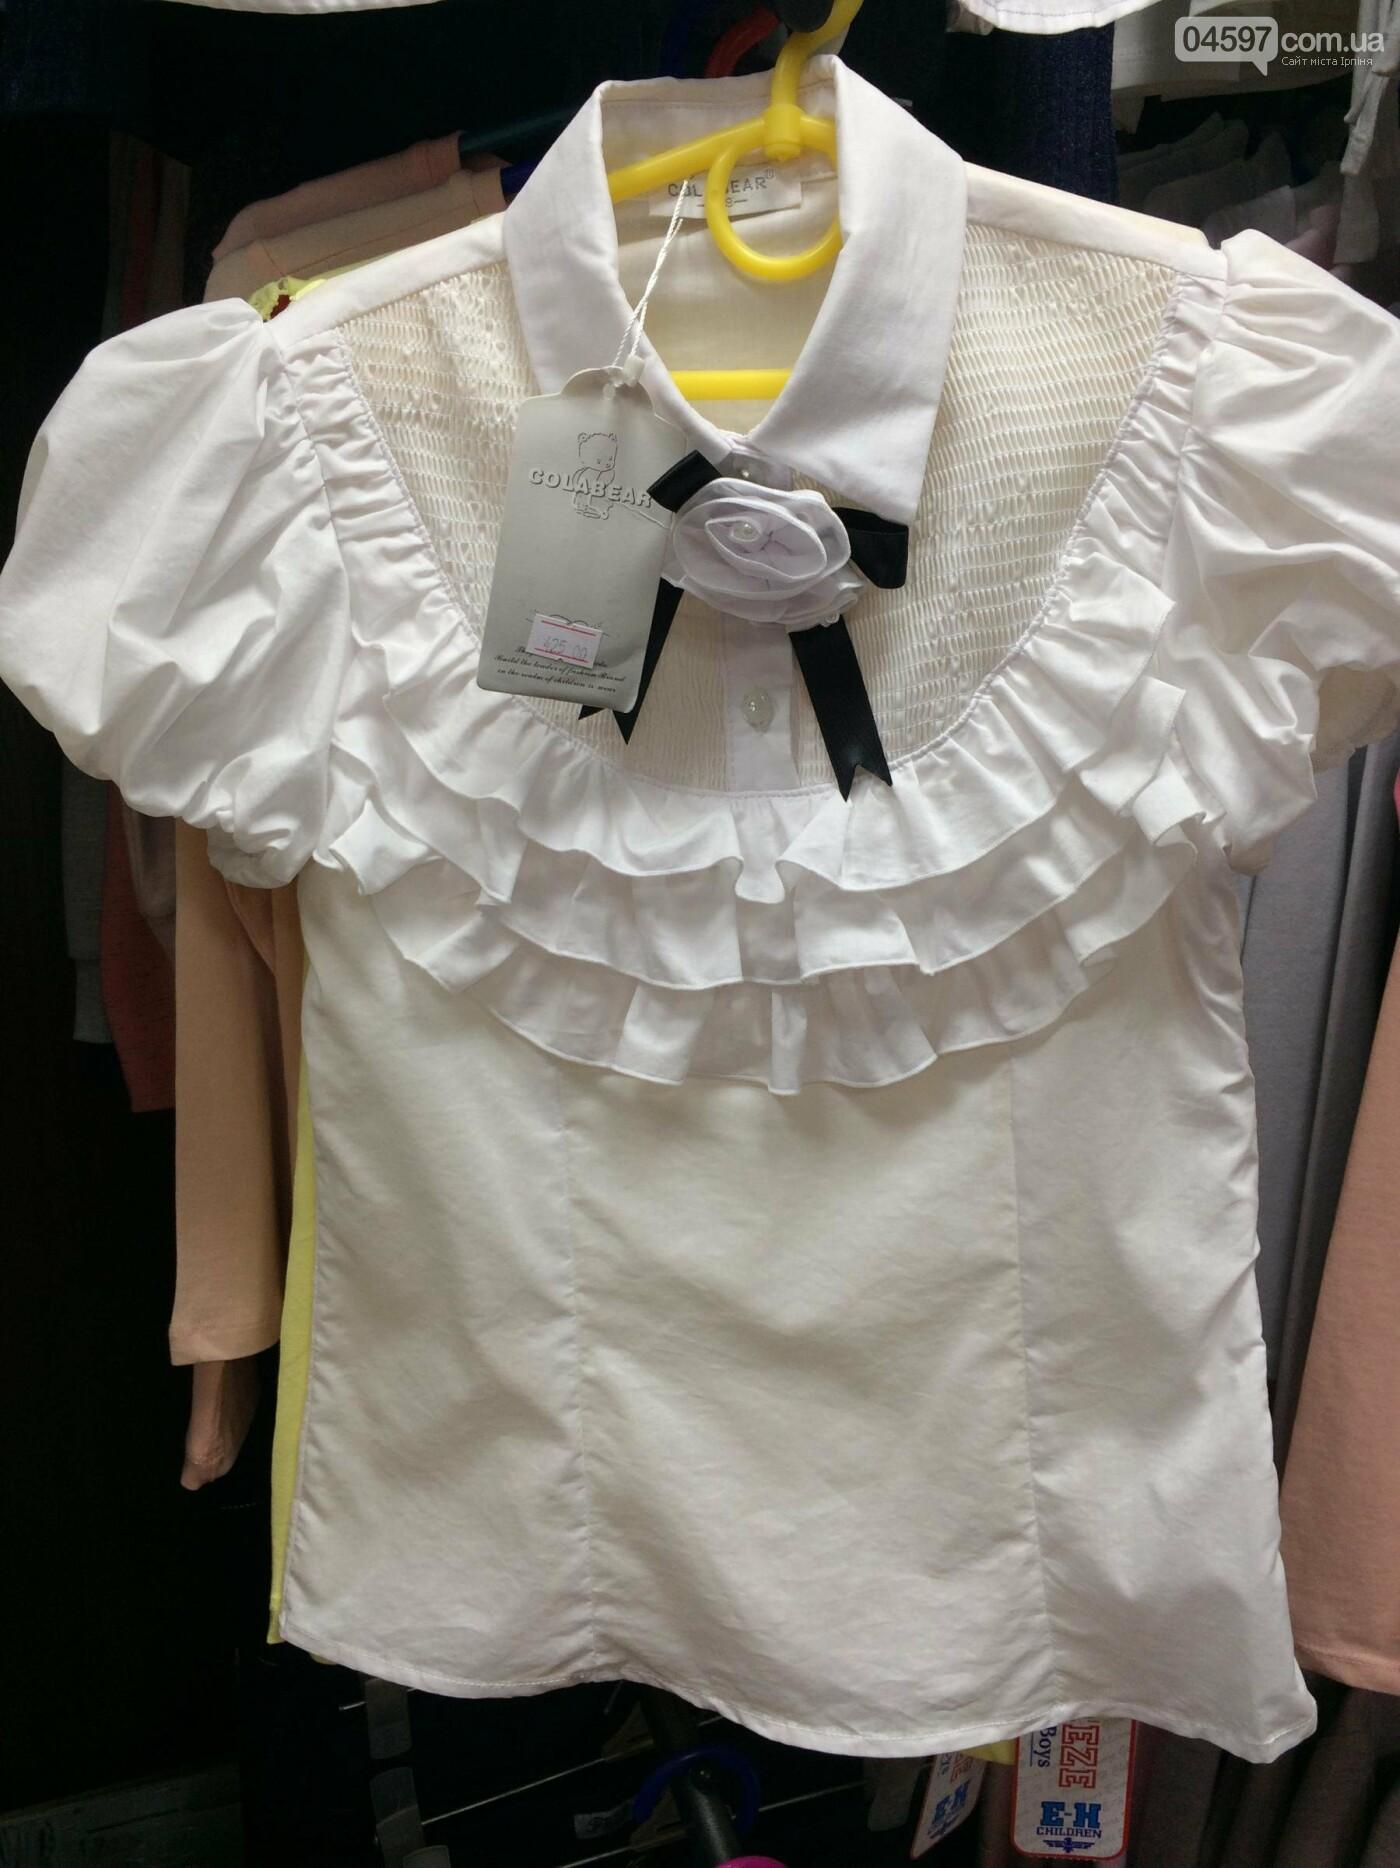 Де купити дитячий одяг в Ірпені: асортимент та ціни, фото-83